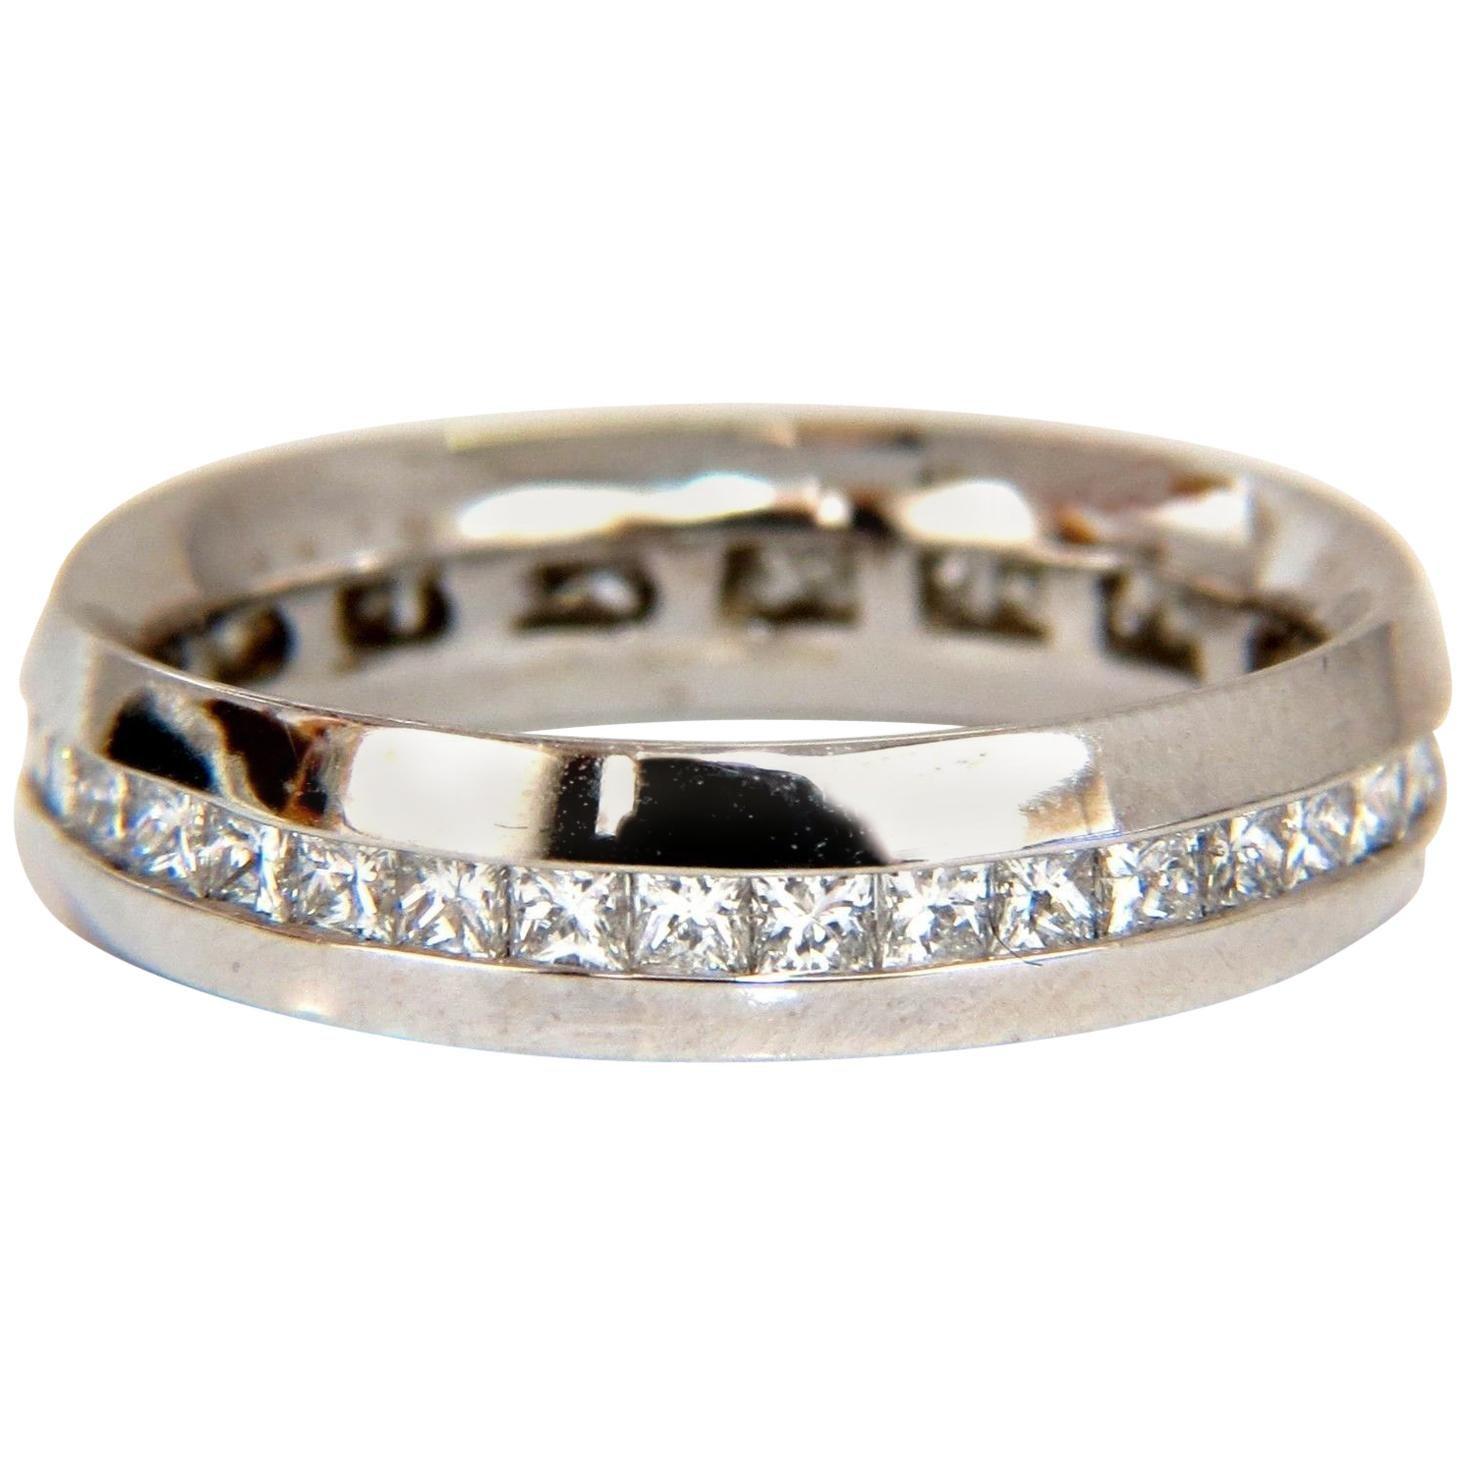 1.50 Carat Natural Princess Cut Diamonds Eternity Ring 14 Karat Comfort